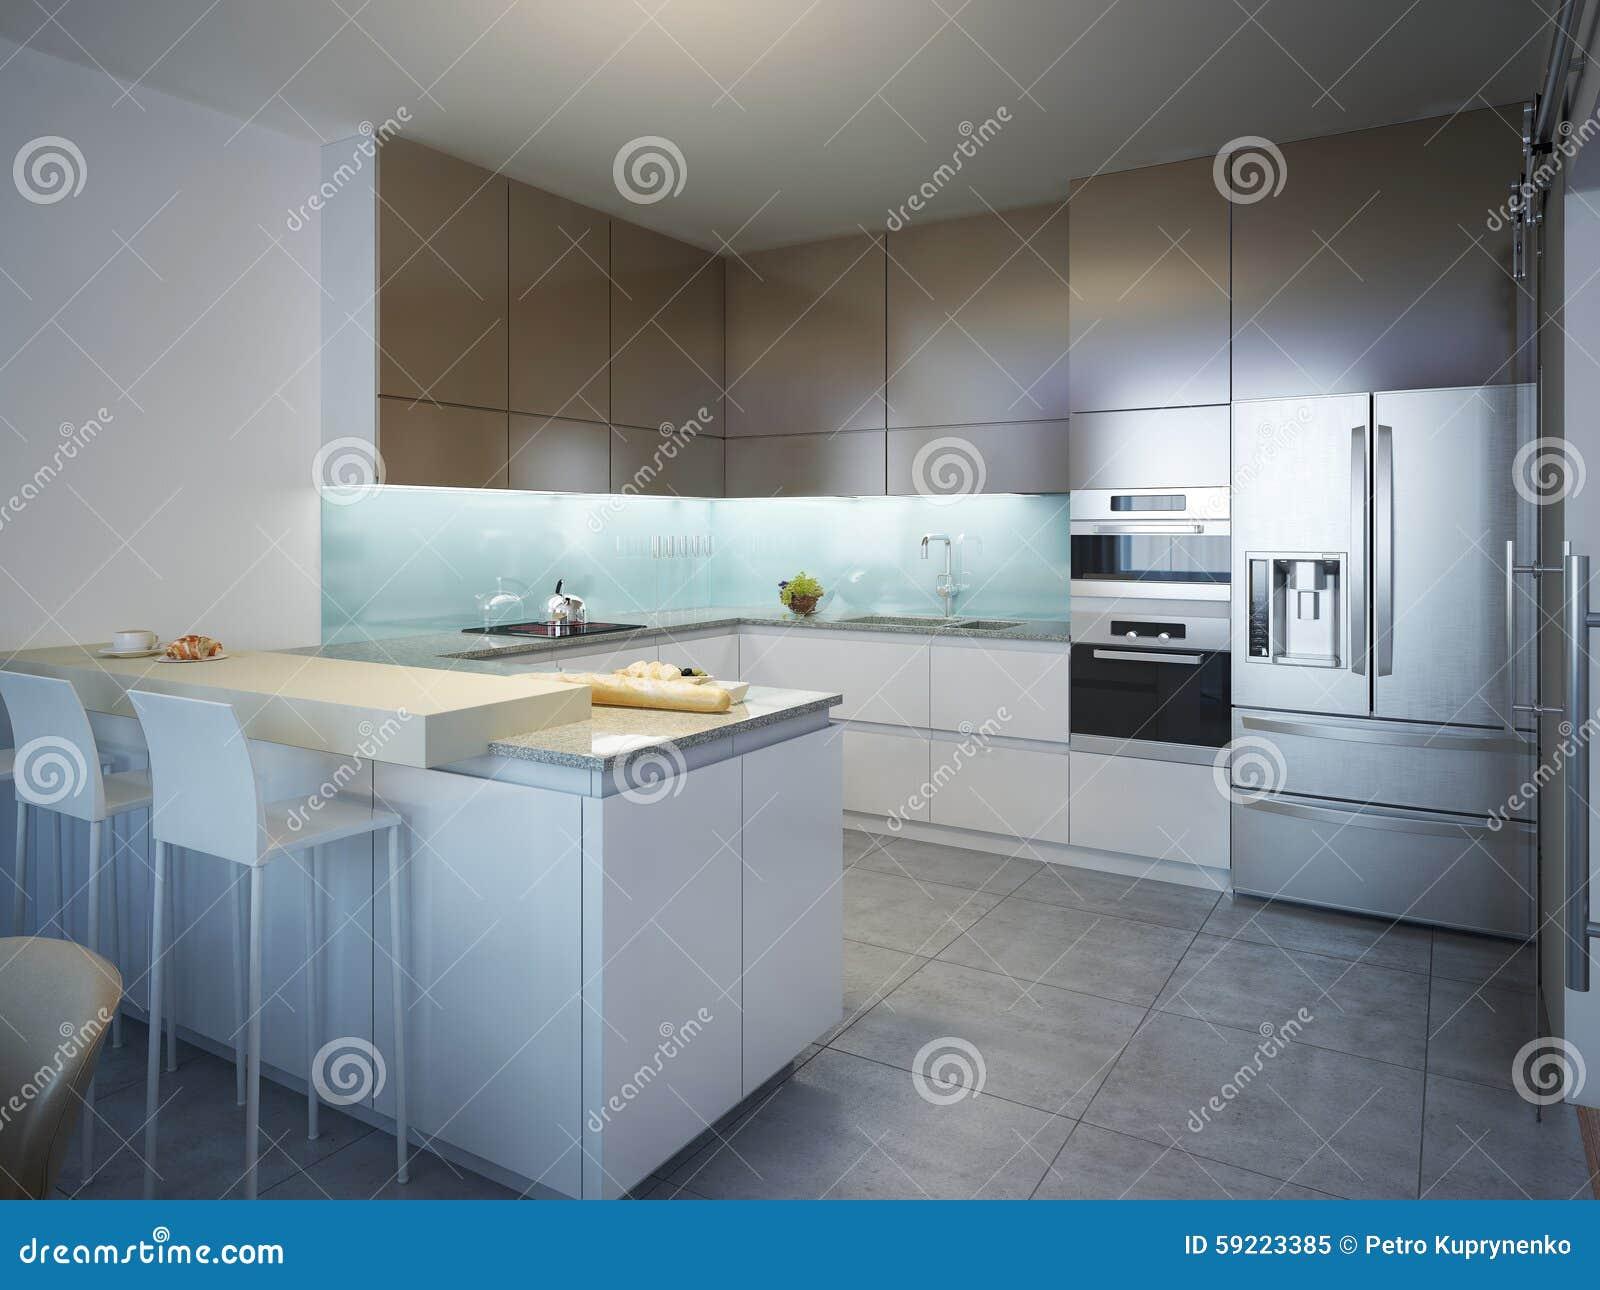 Idee van eigentijdse keuken stock afbeelding afbeelding